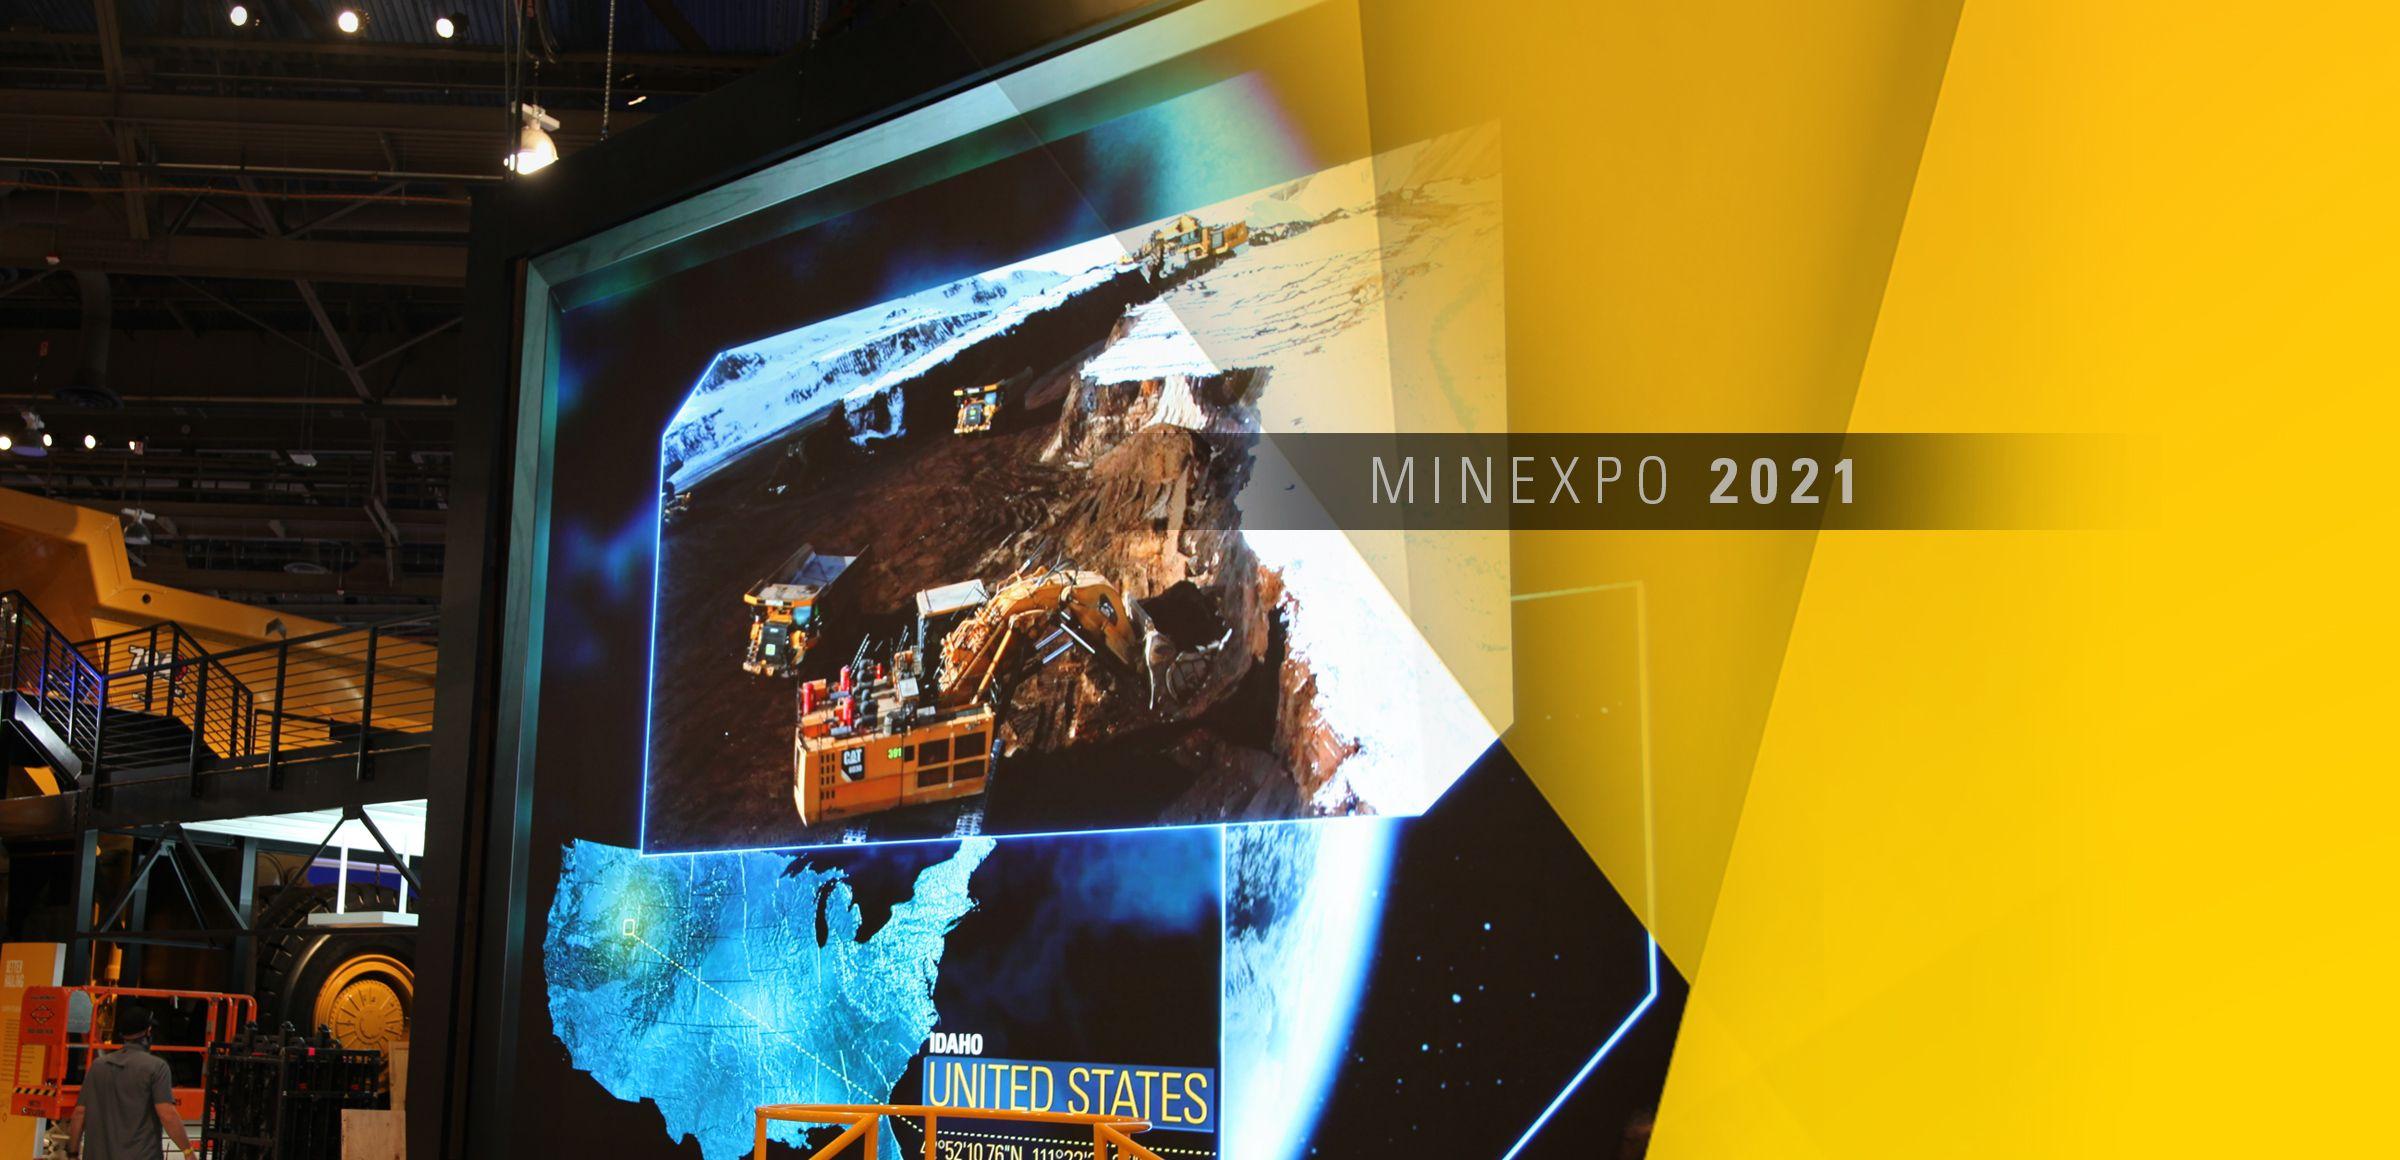 Caterpillar at MINExpo 2021